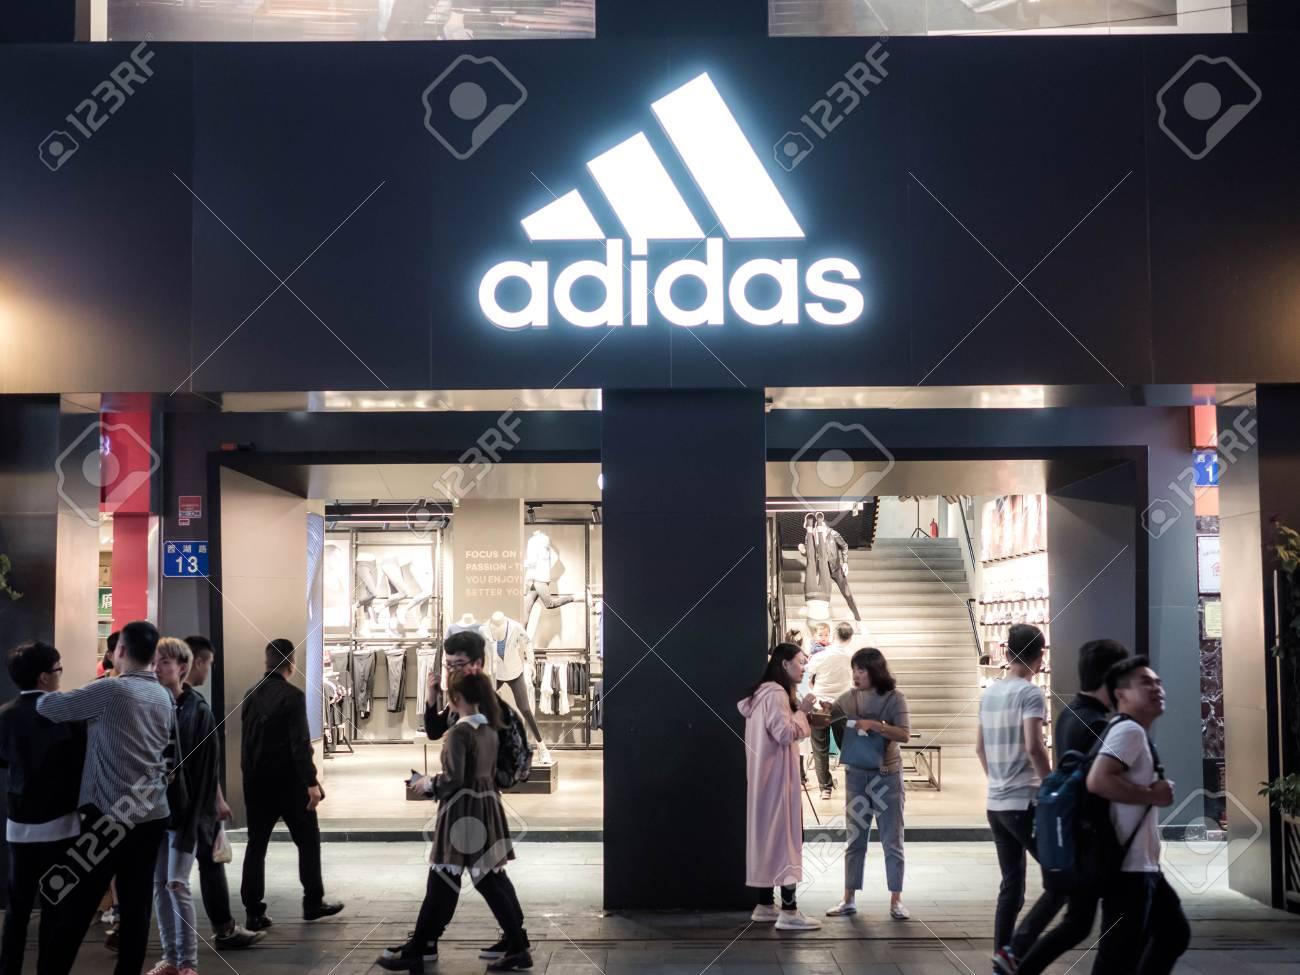 Guangzhou, CHINA-MARCH 27, 2018: Adidas